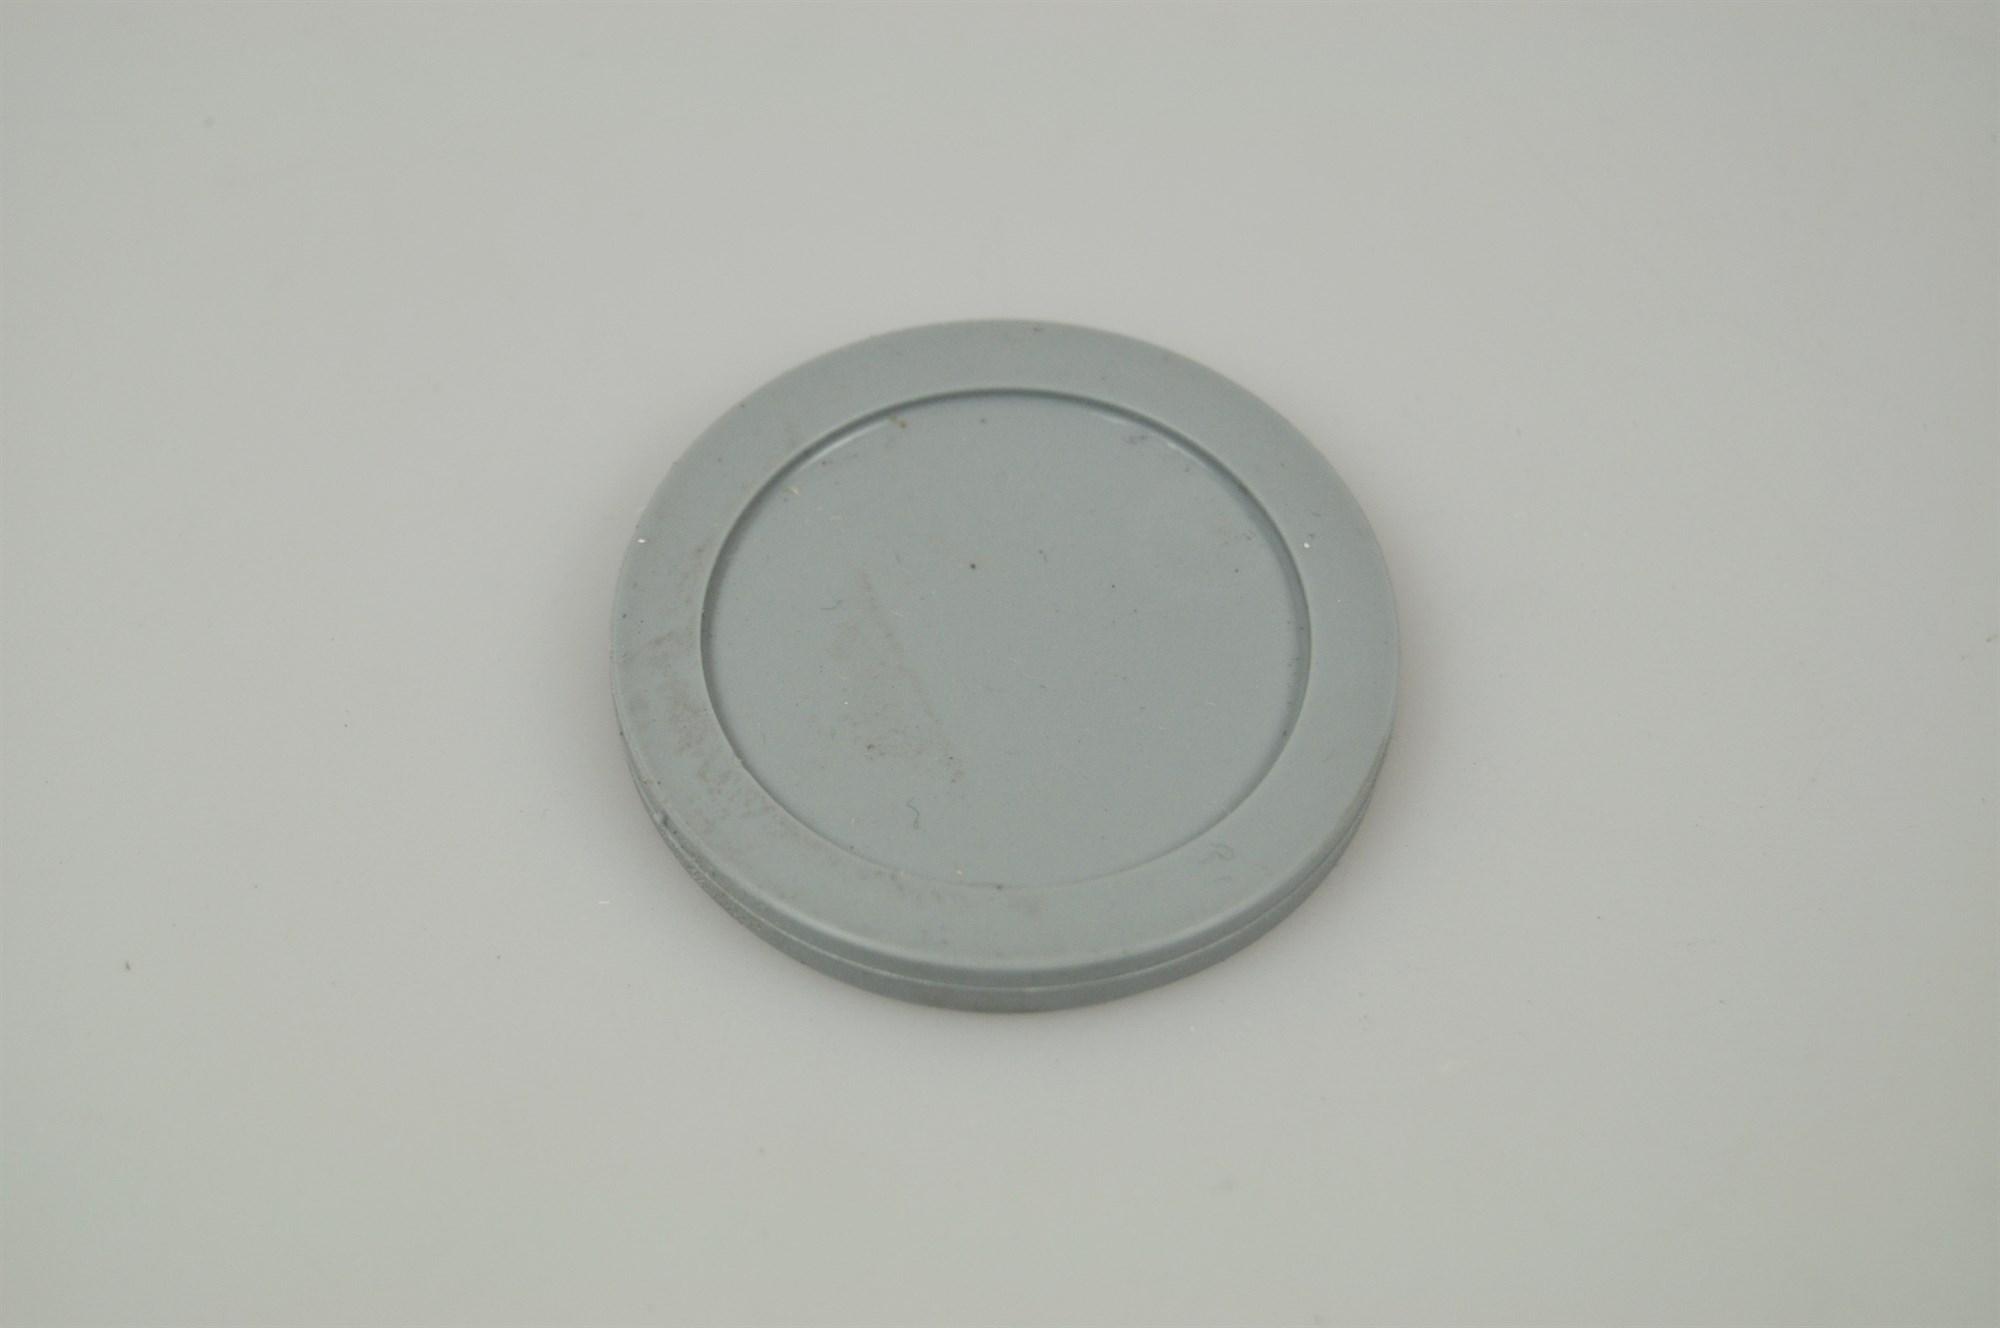 Parts Of A Soap Dispenser